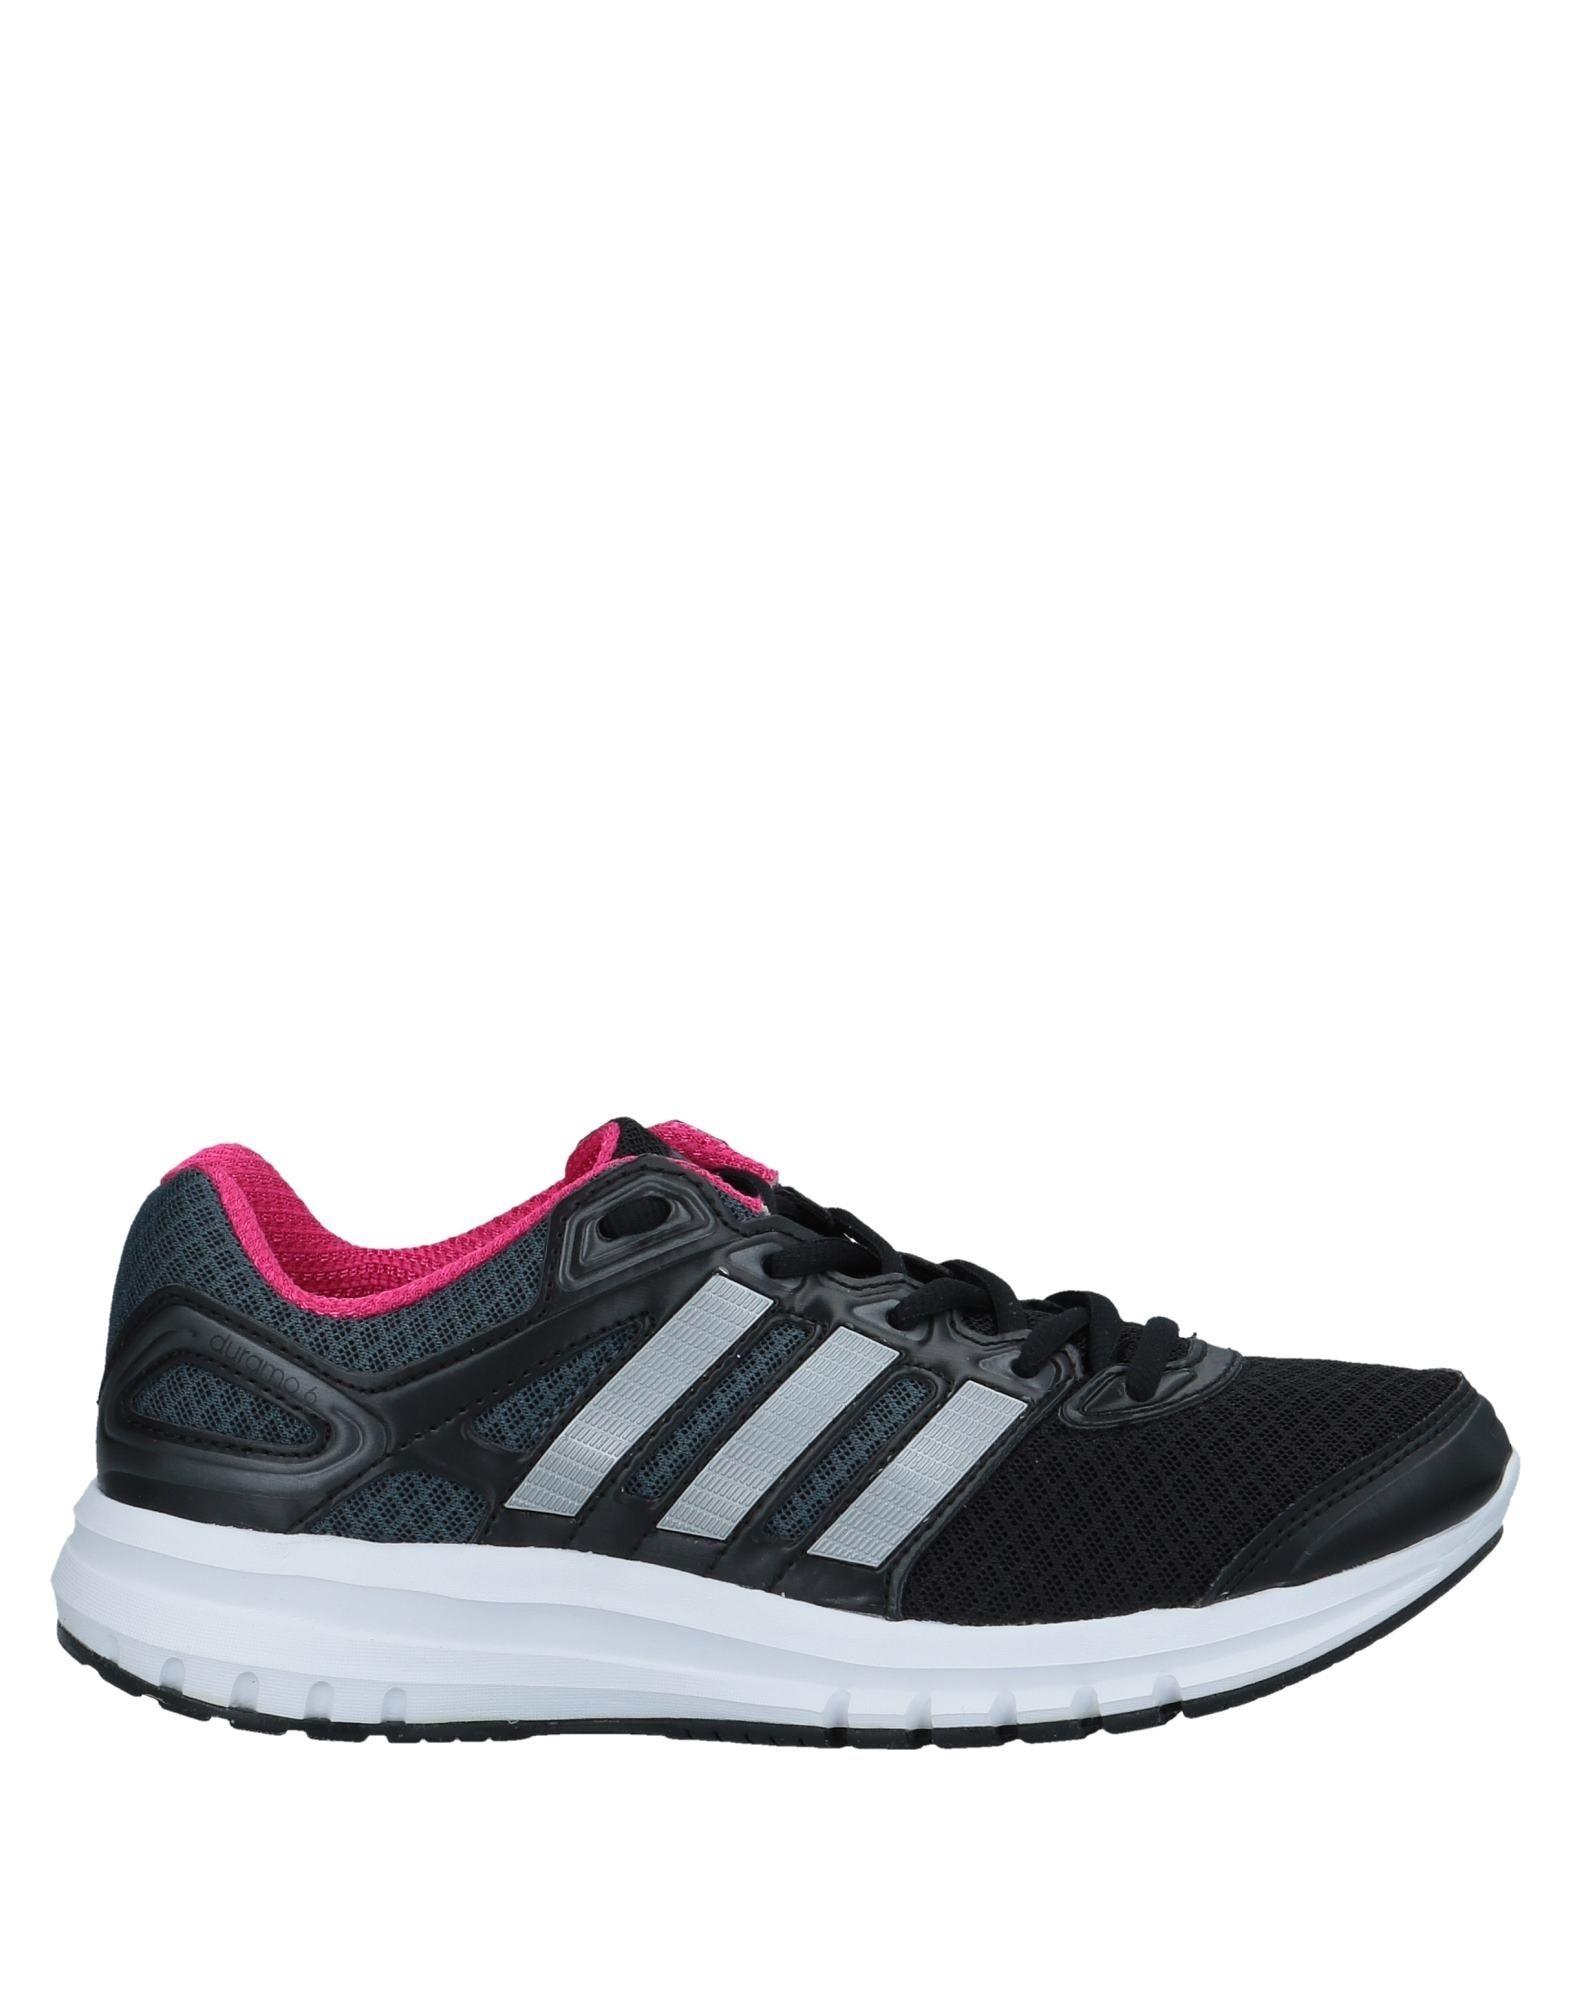 Zapatillas Adidas Mujer - Negro Zapatillas Adidas  Negro - f7bdb6